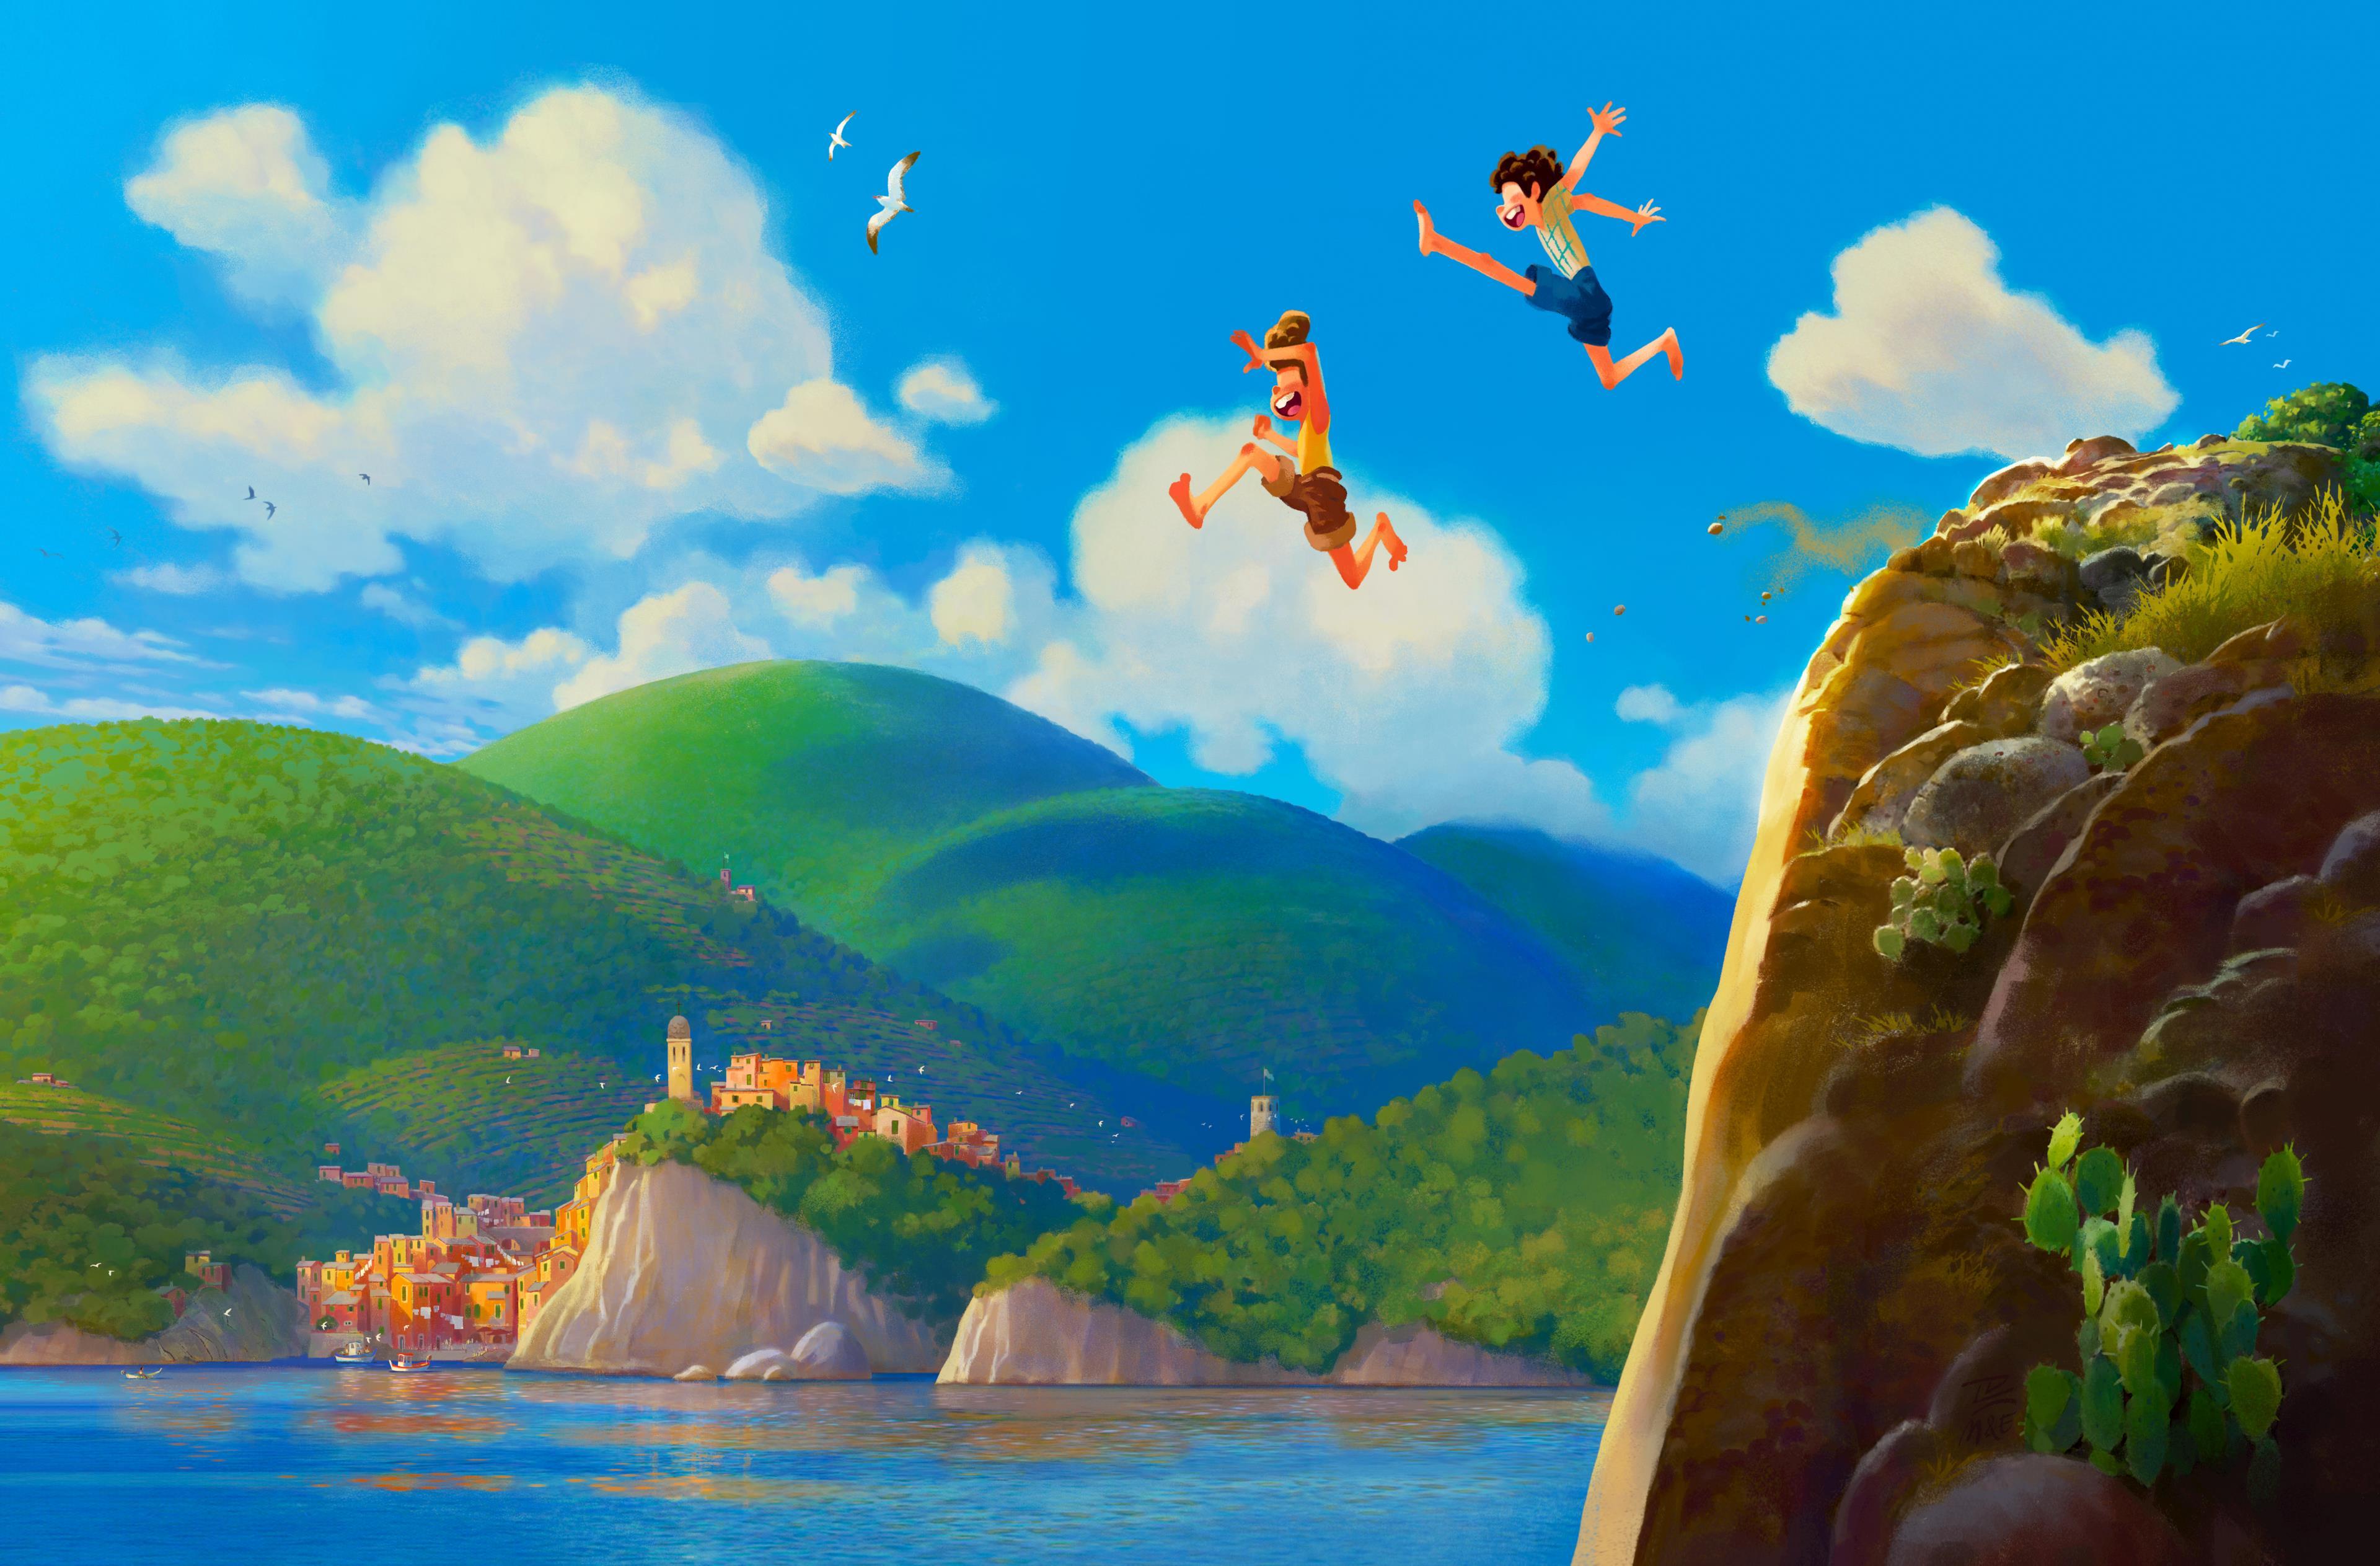 Luca film Pixar